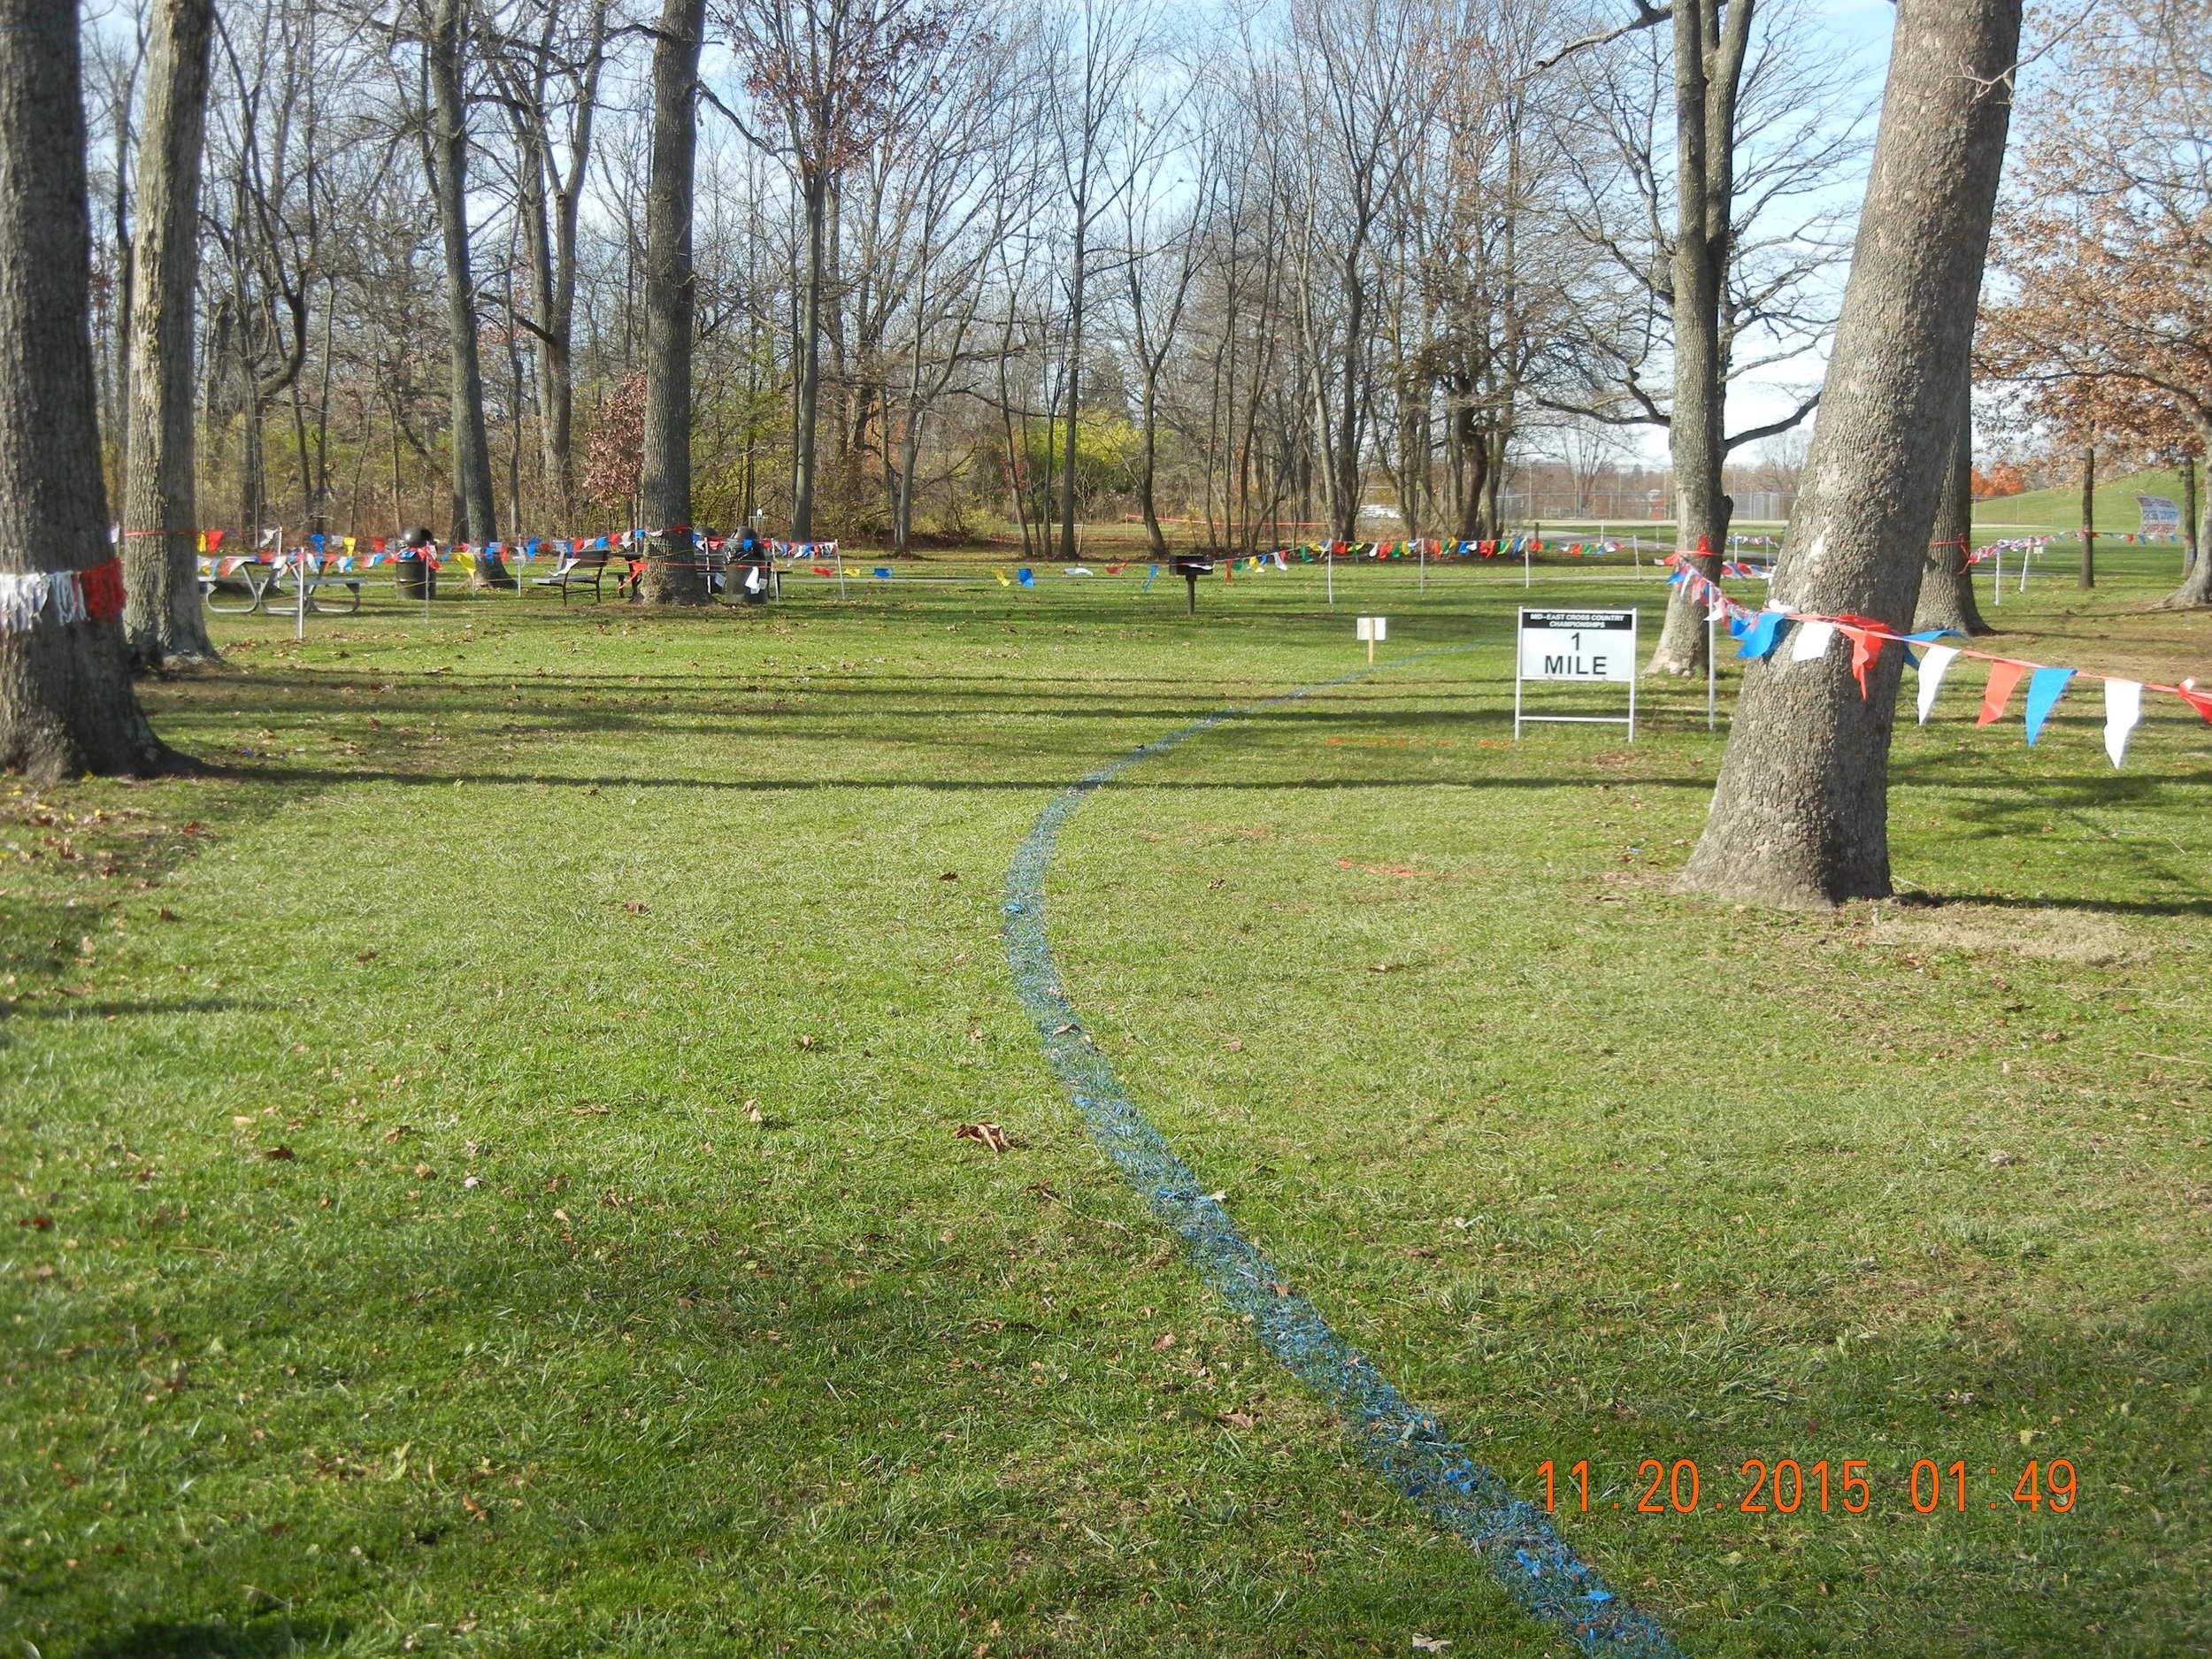 1-mile mark